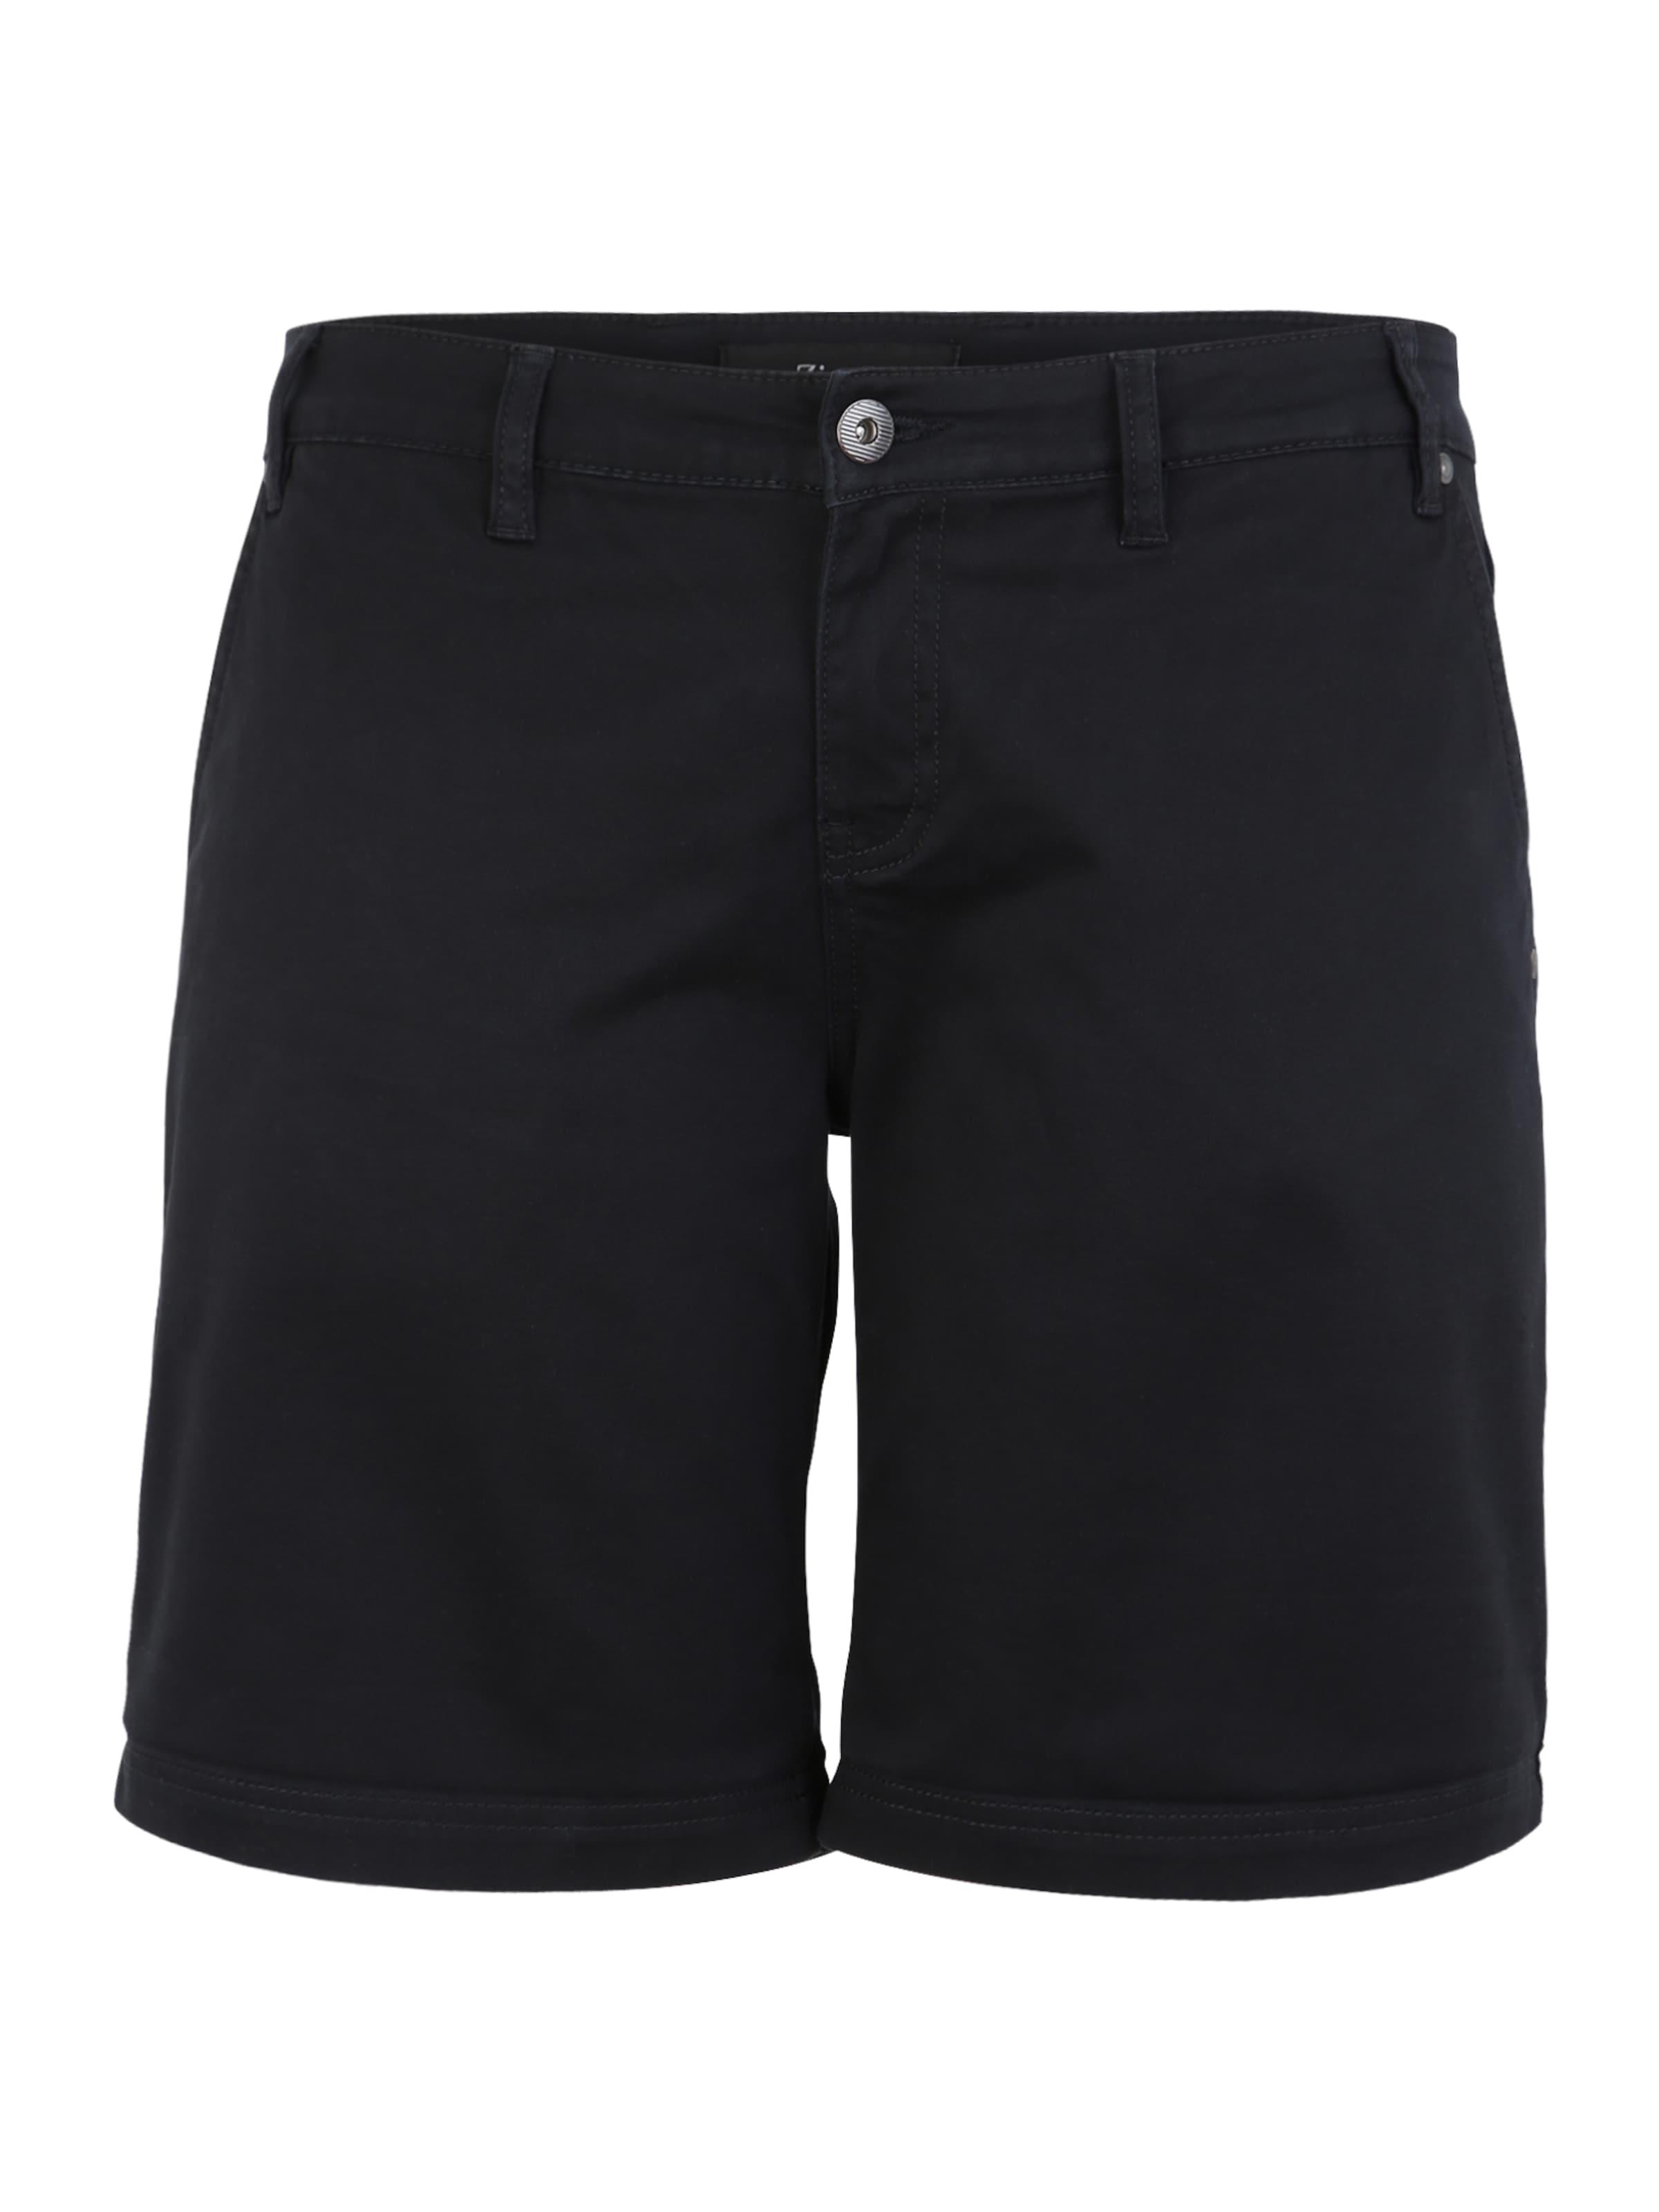 En En Zizzi Marron Pantalon En Zizzi Pantalon Pantalon Marron Zizzi FJc5Kl3uT1